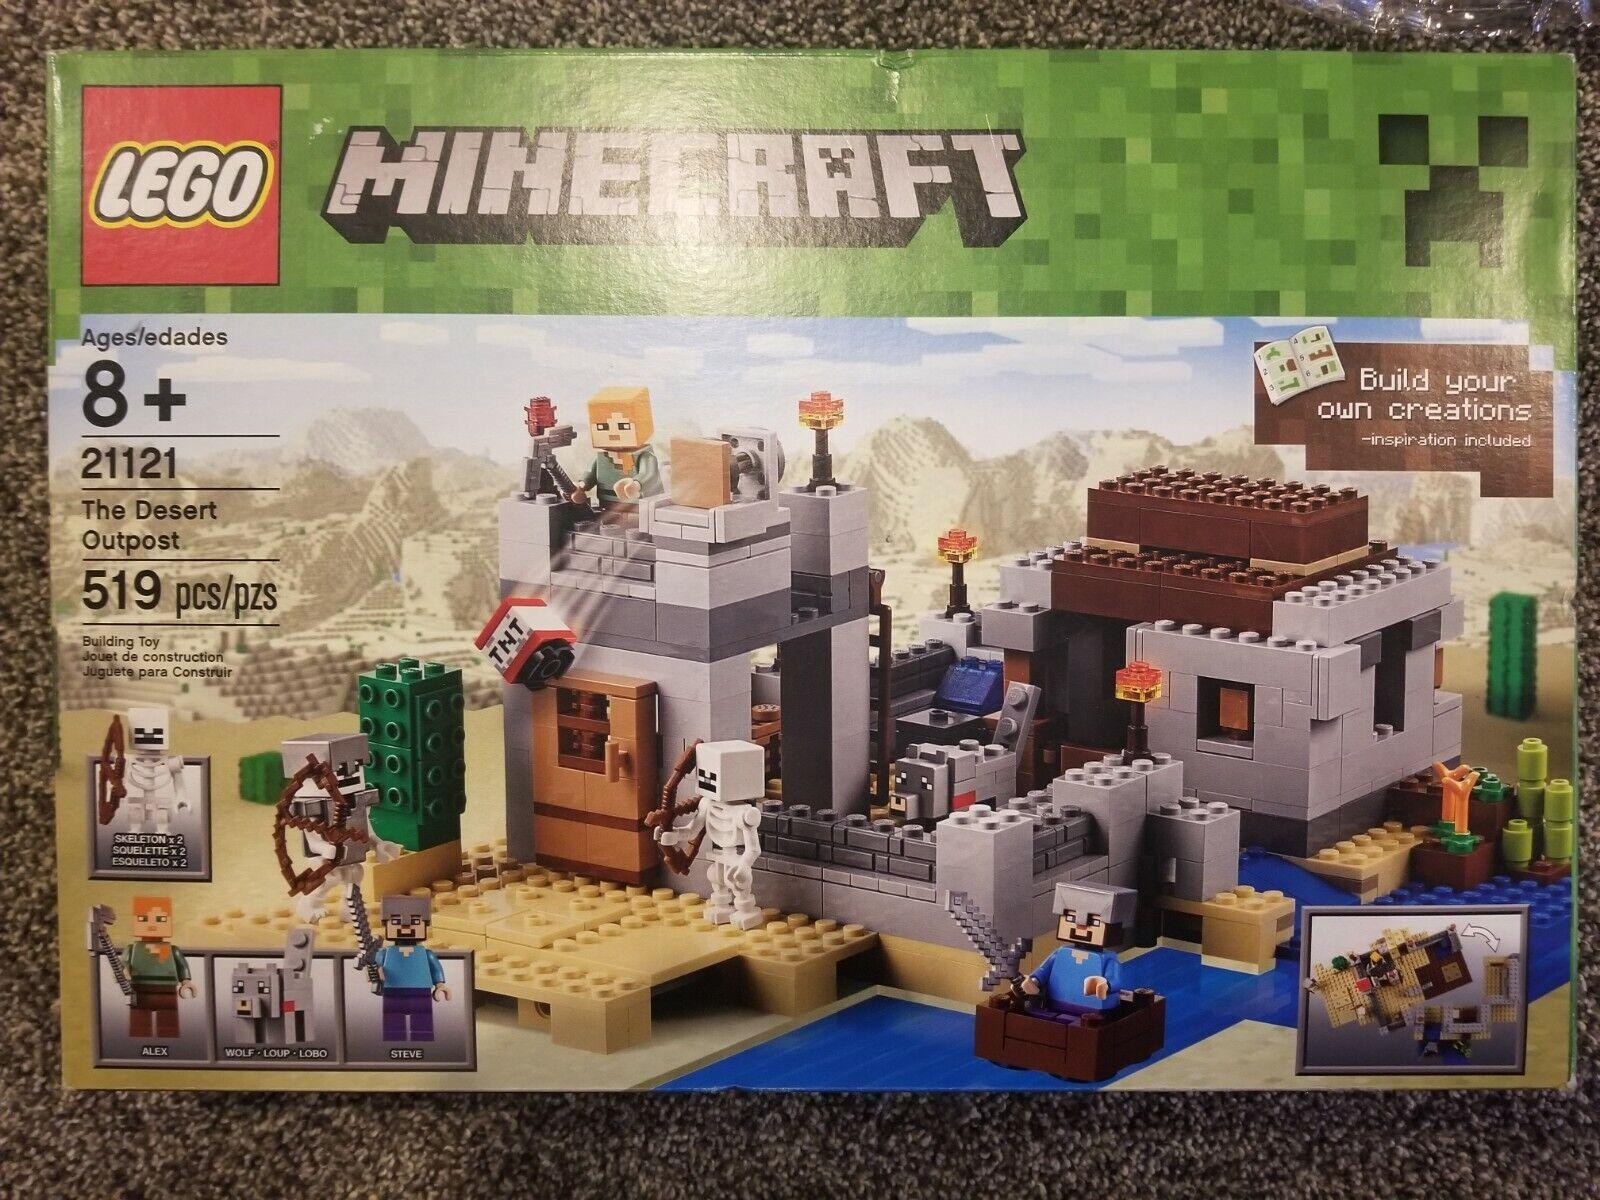 Lego Minecraft El desierto Outpost Set 21121 100% Completo Con Caja Instrucciones